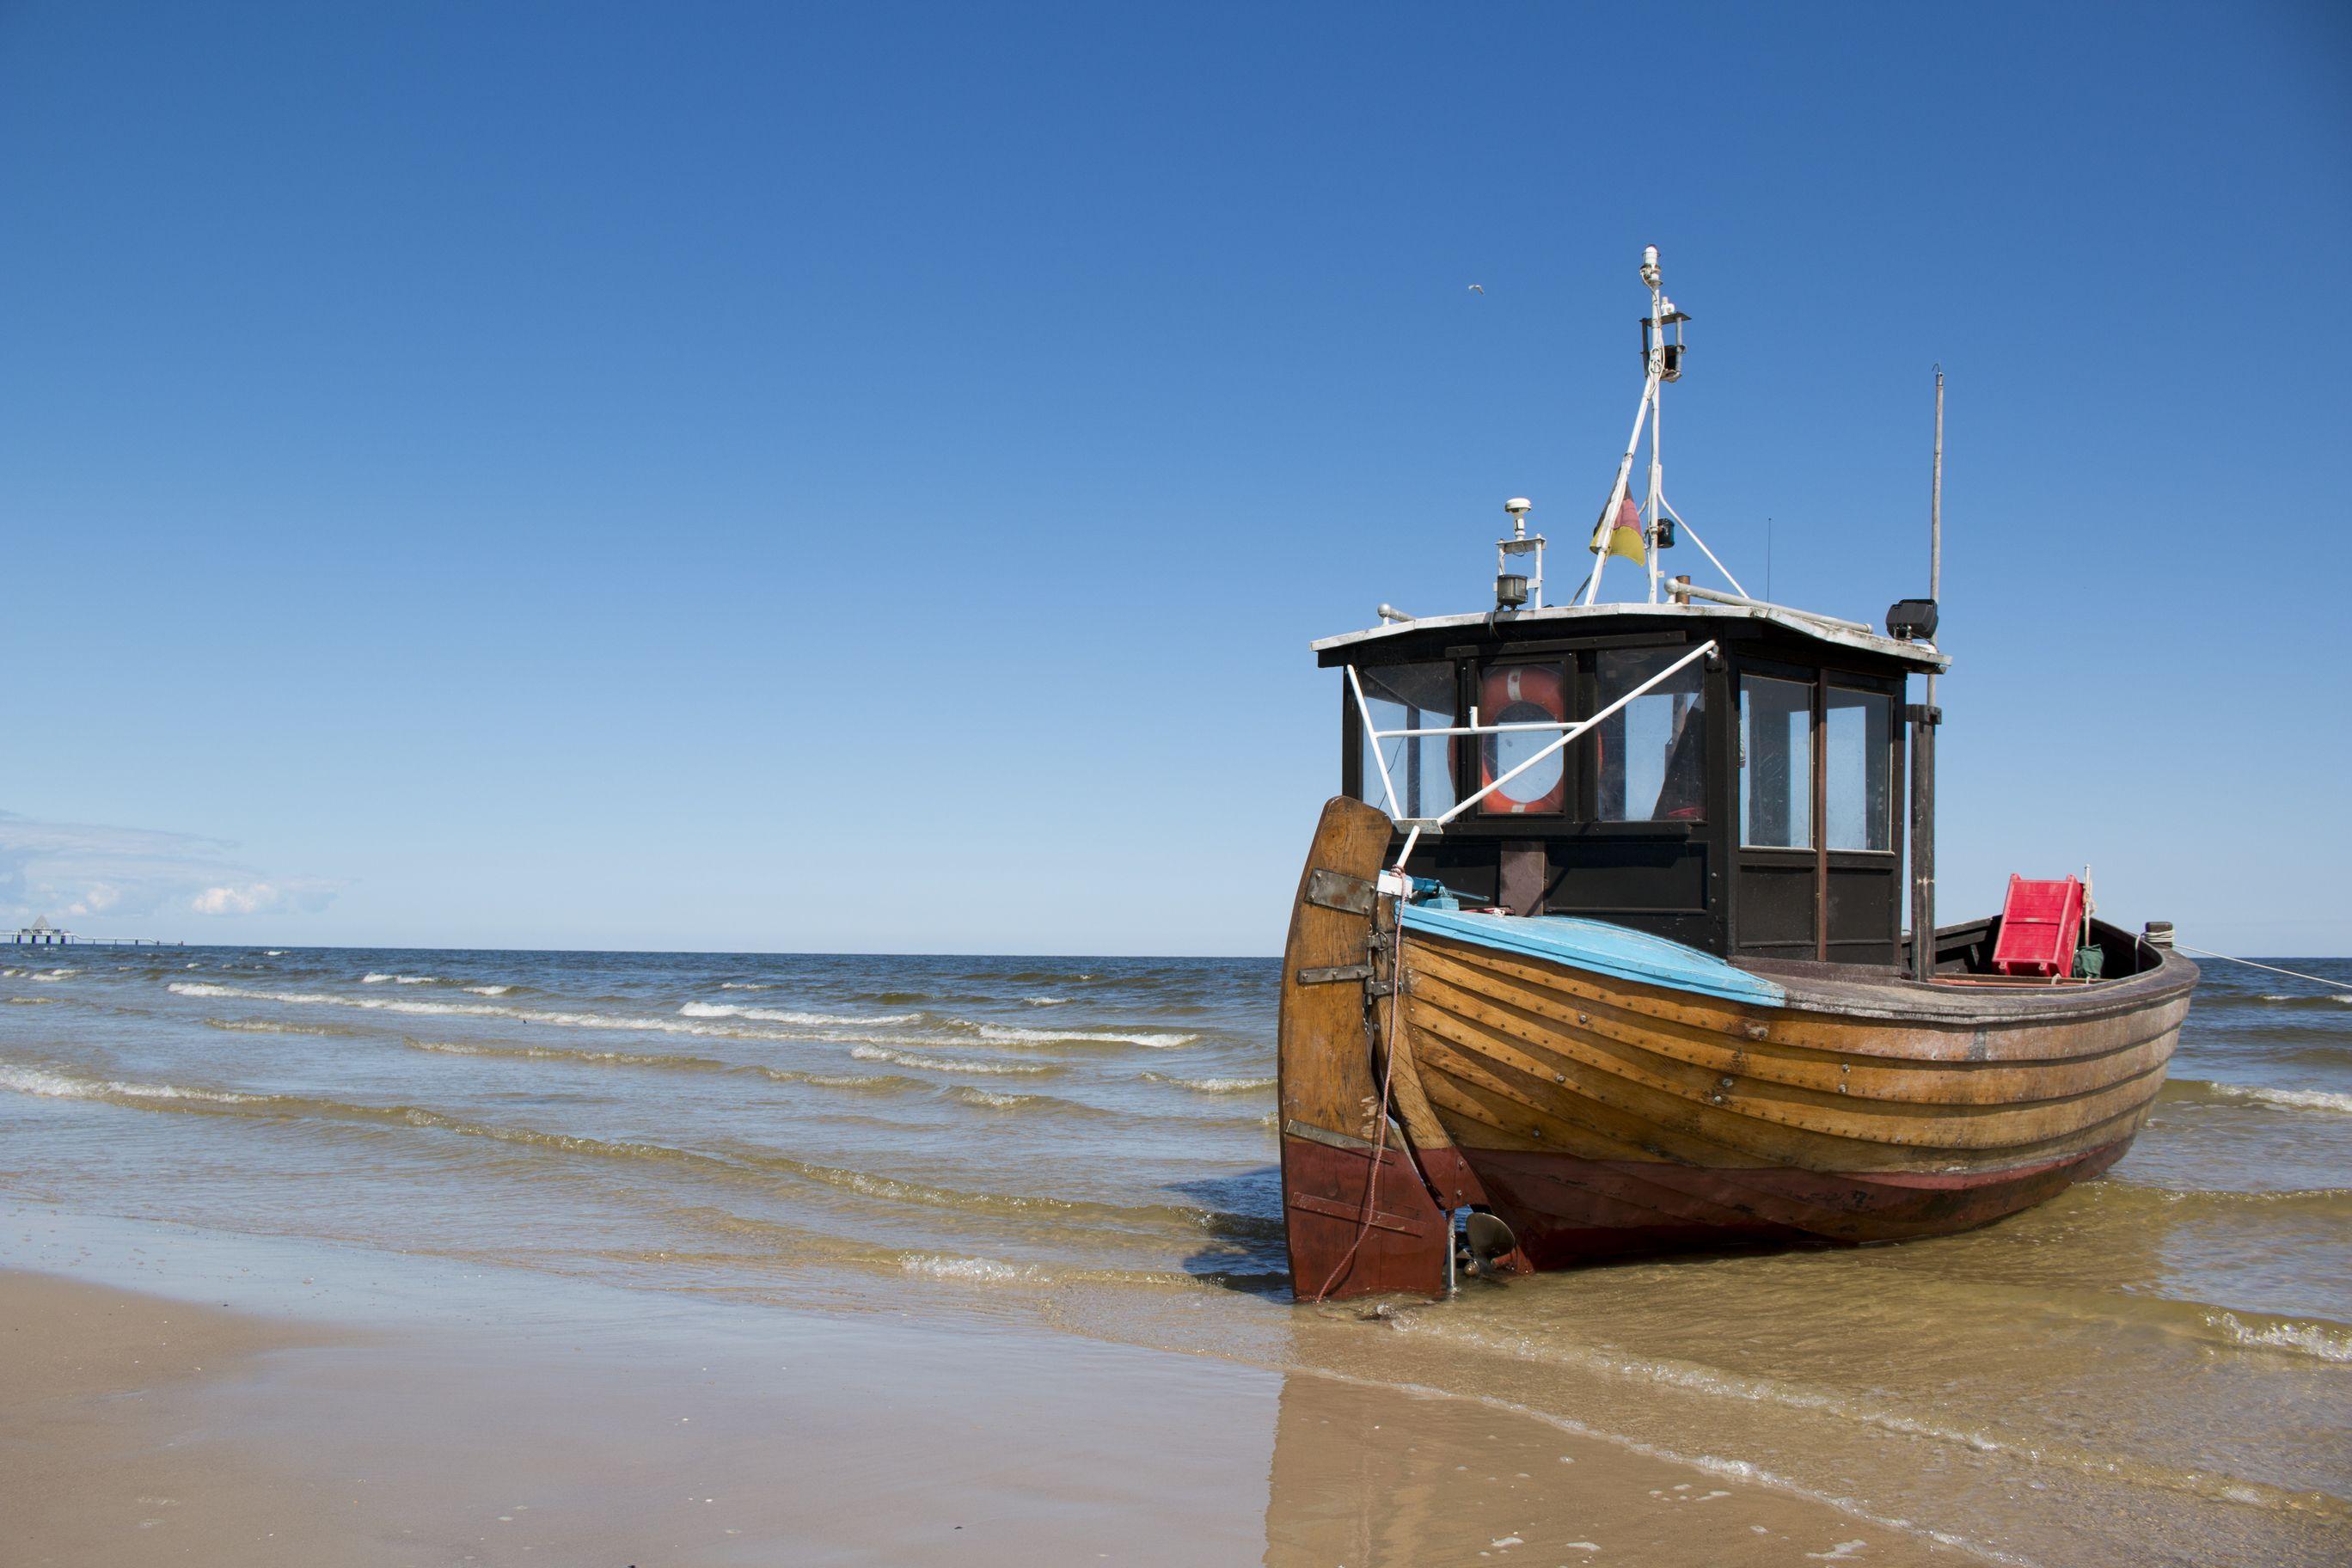 Eins der mittlerweile wenigen Fischerboote auf Usedom in